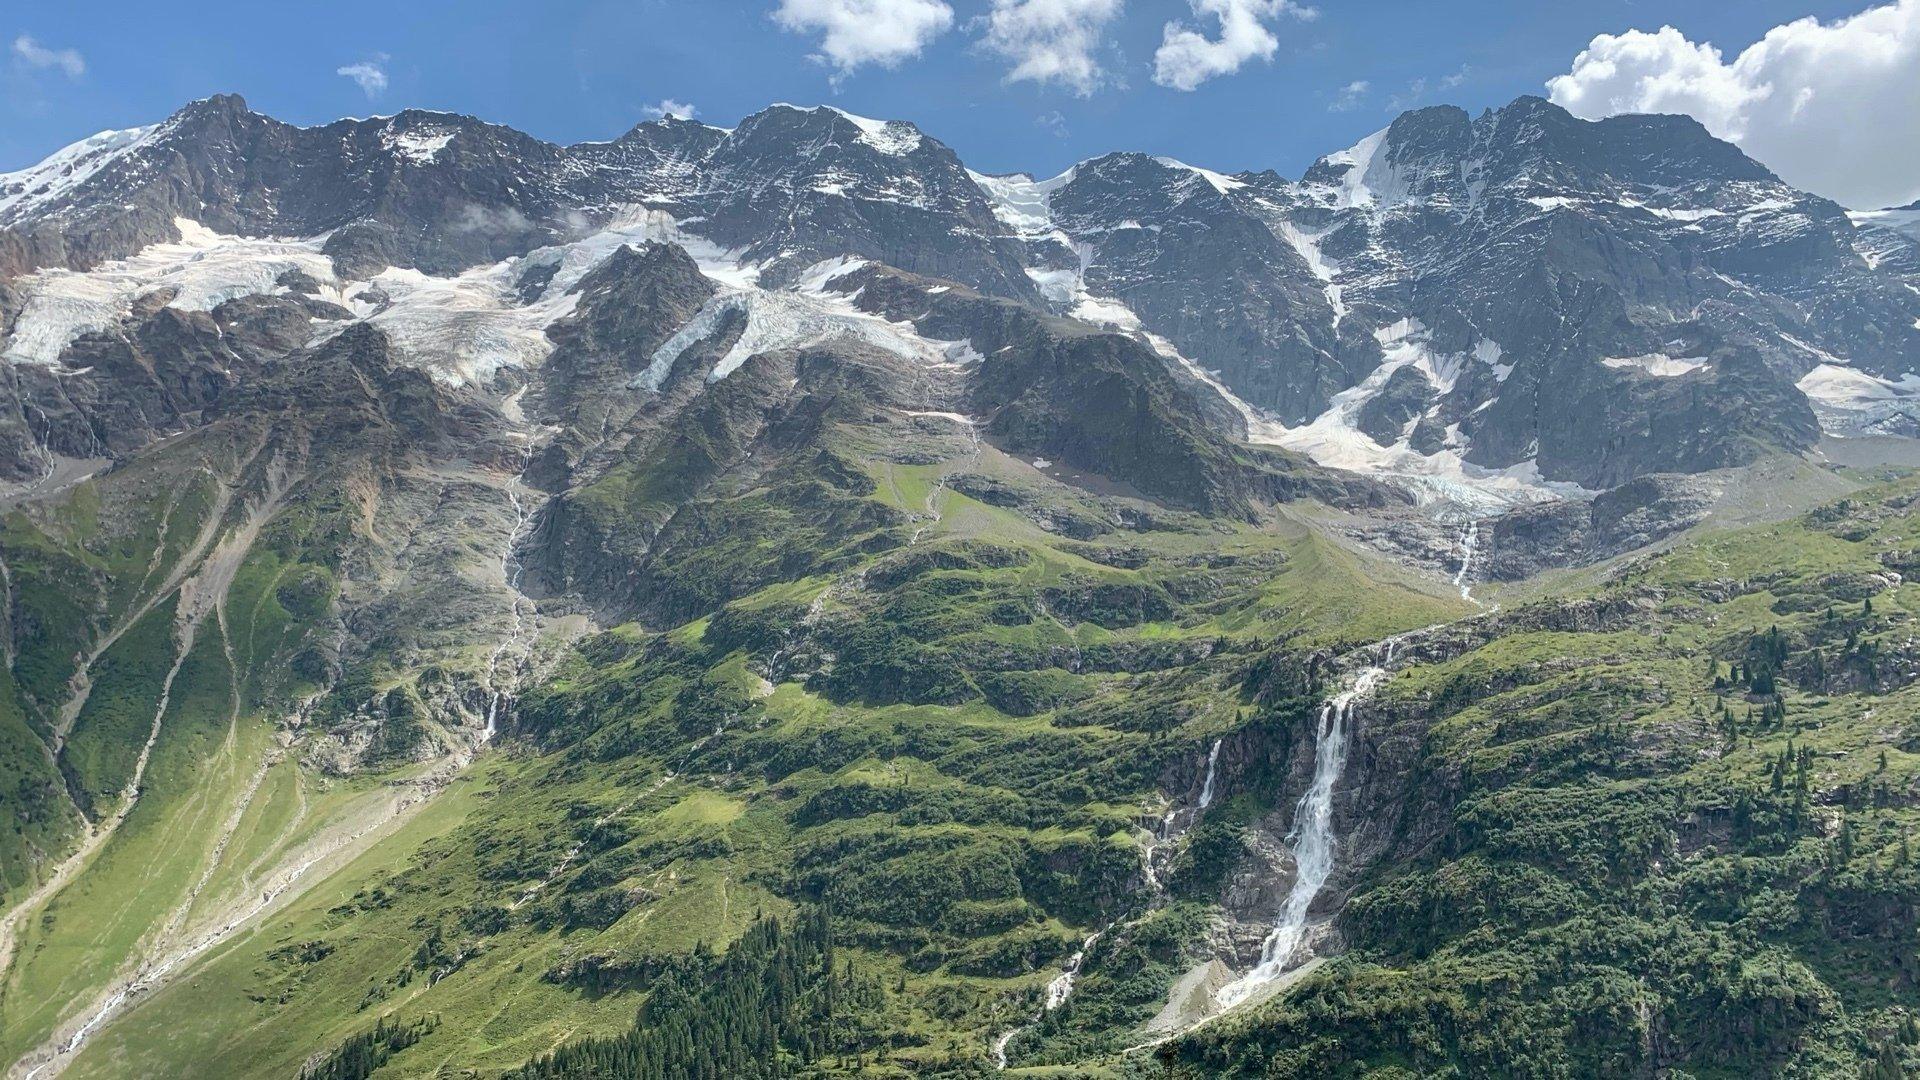 Schneebedeckte Berge ragen in den blauen Himmel. Die Vegetation verändert sich talabwärts von Gestein zu Wald- und Grünflächen. Mittig befindet sich ein Wasserfall.